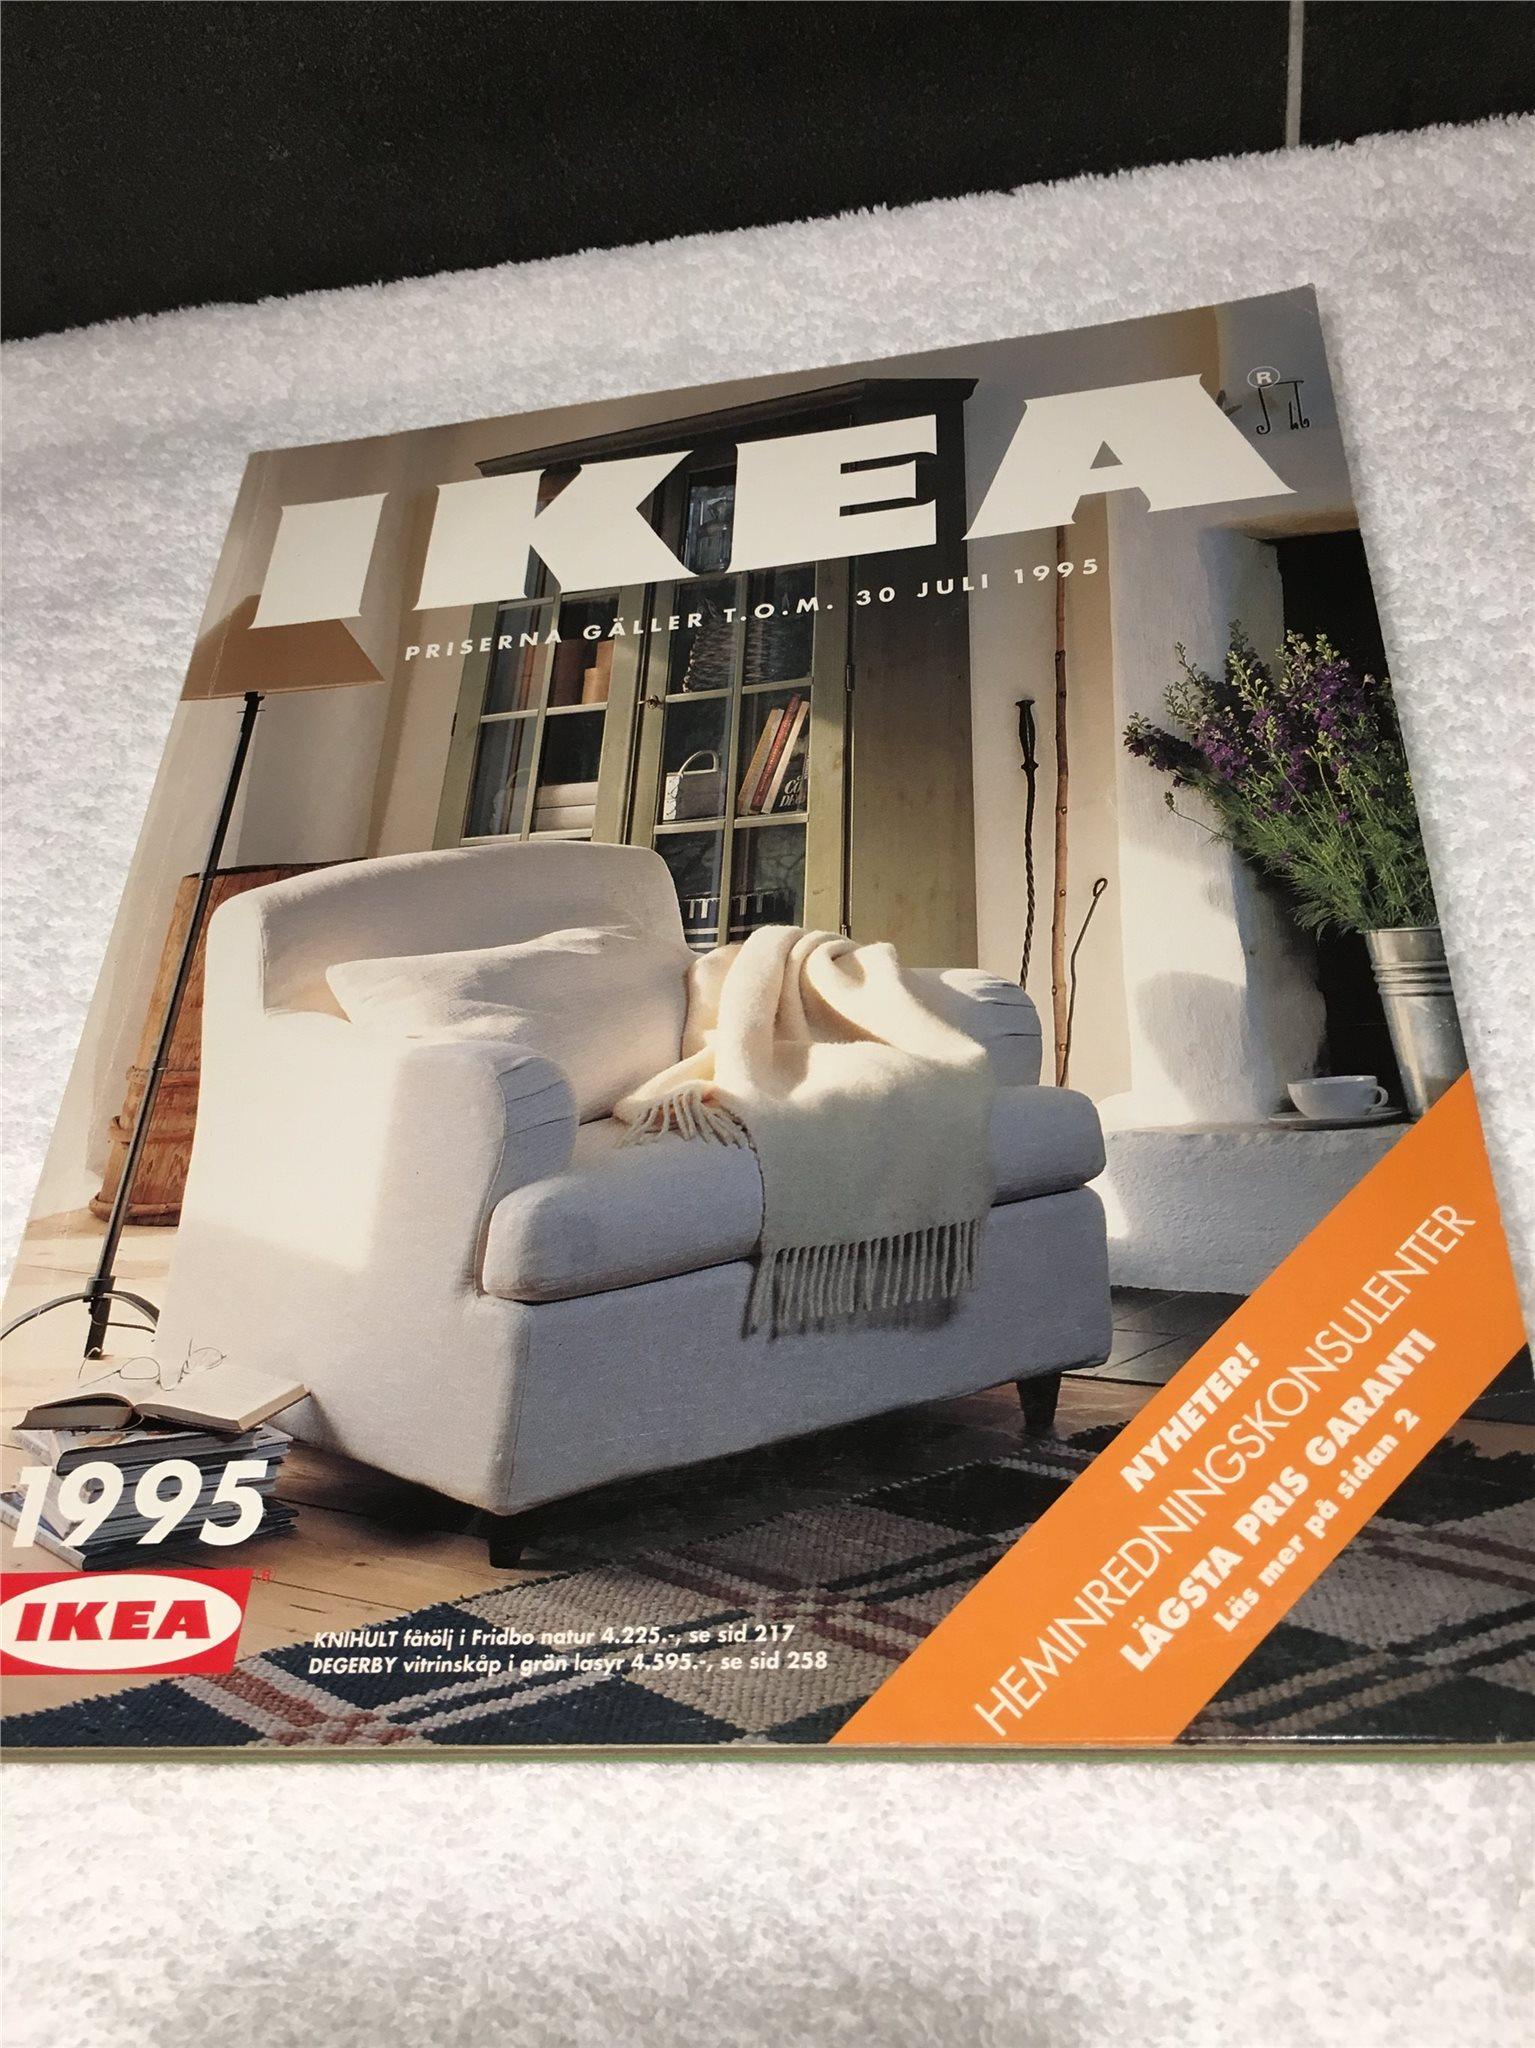 Wunderbar Ikea Küche Planungshilfe Pdf Ideen - Ideen Für Die Küche ...